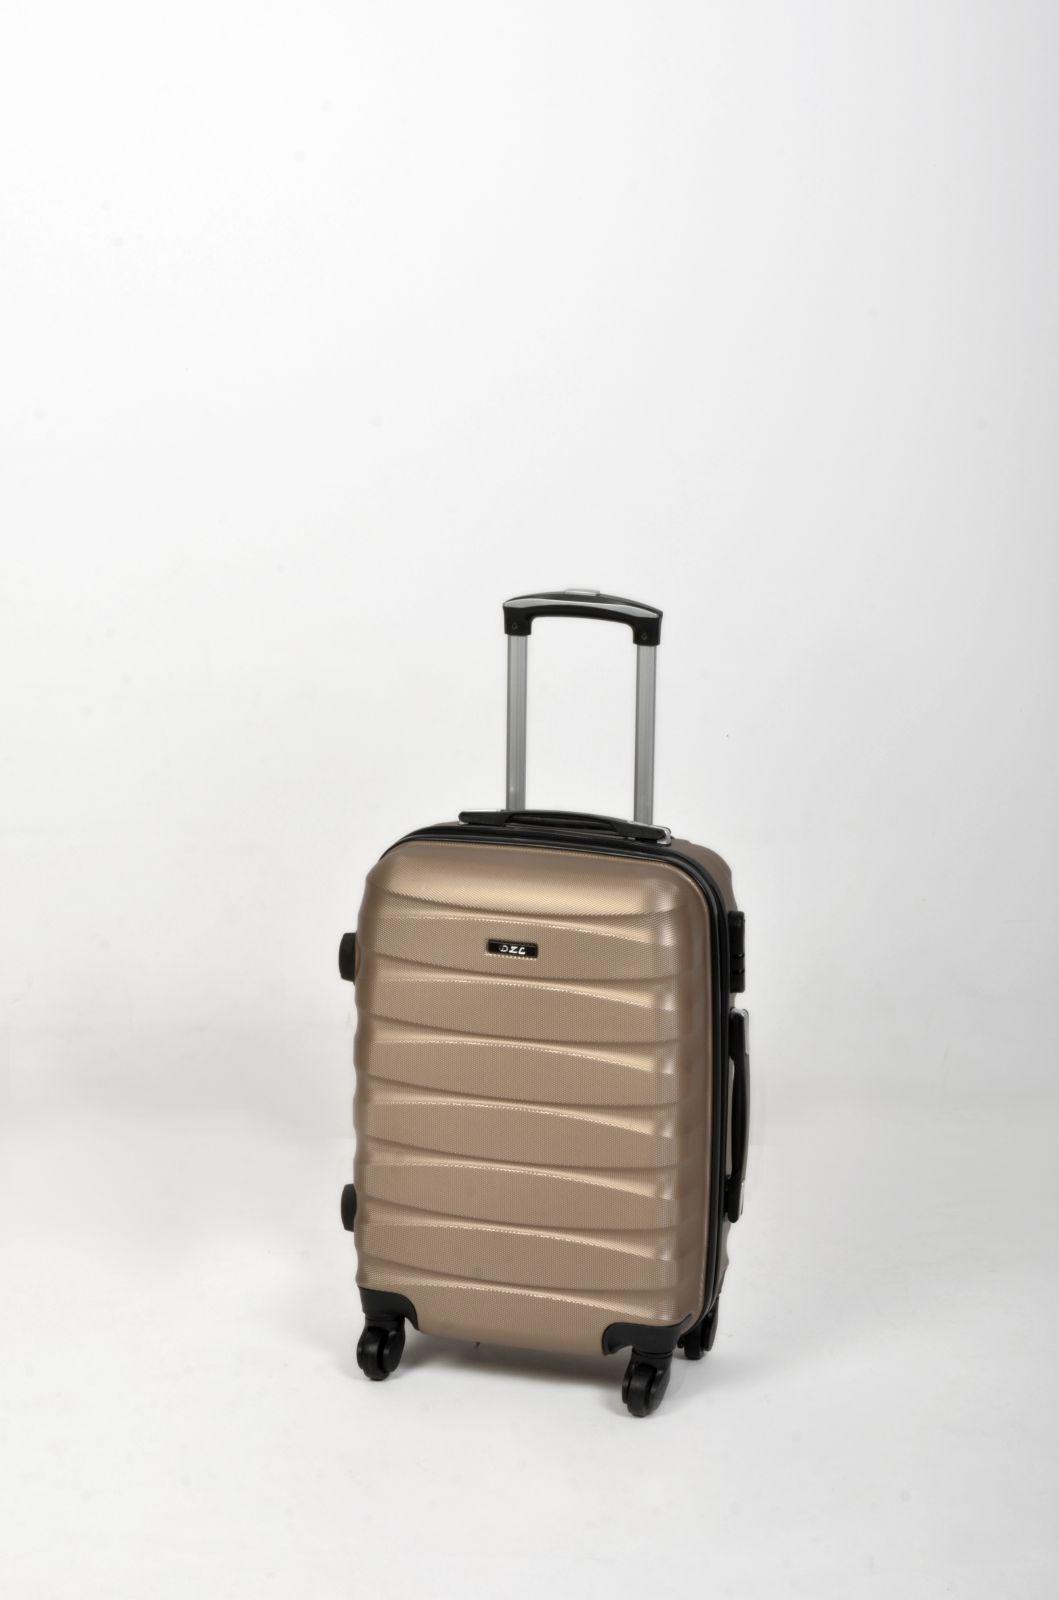 kabinové zavazadlo TR-A30 CHAMPAGNE BRIGHT xS